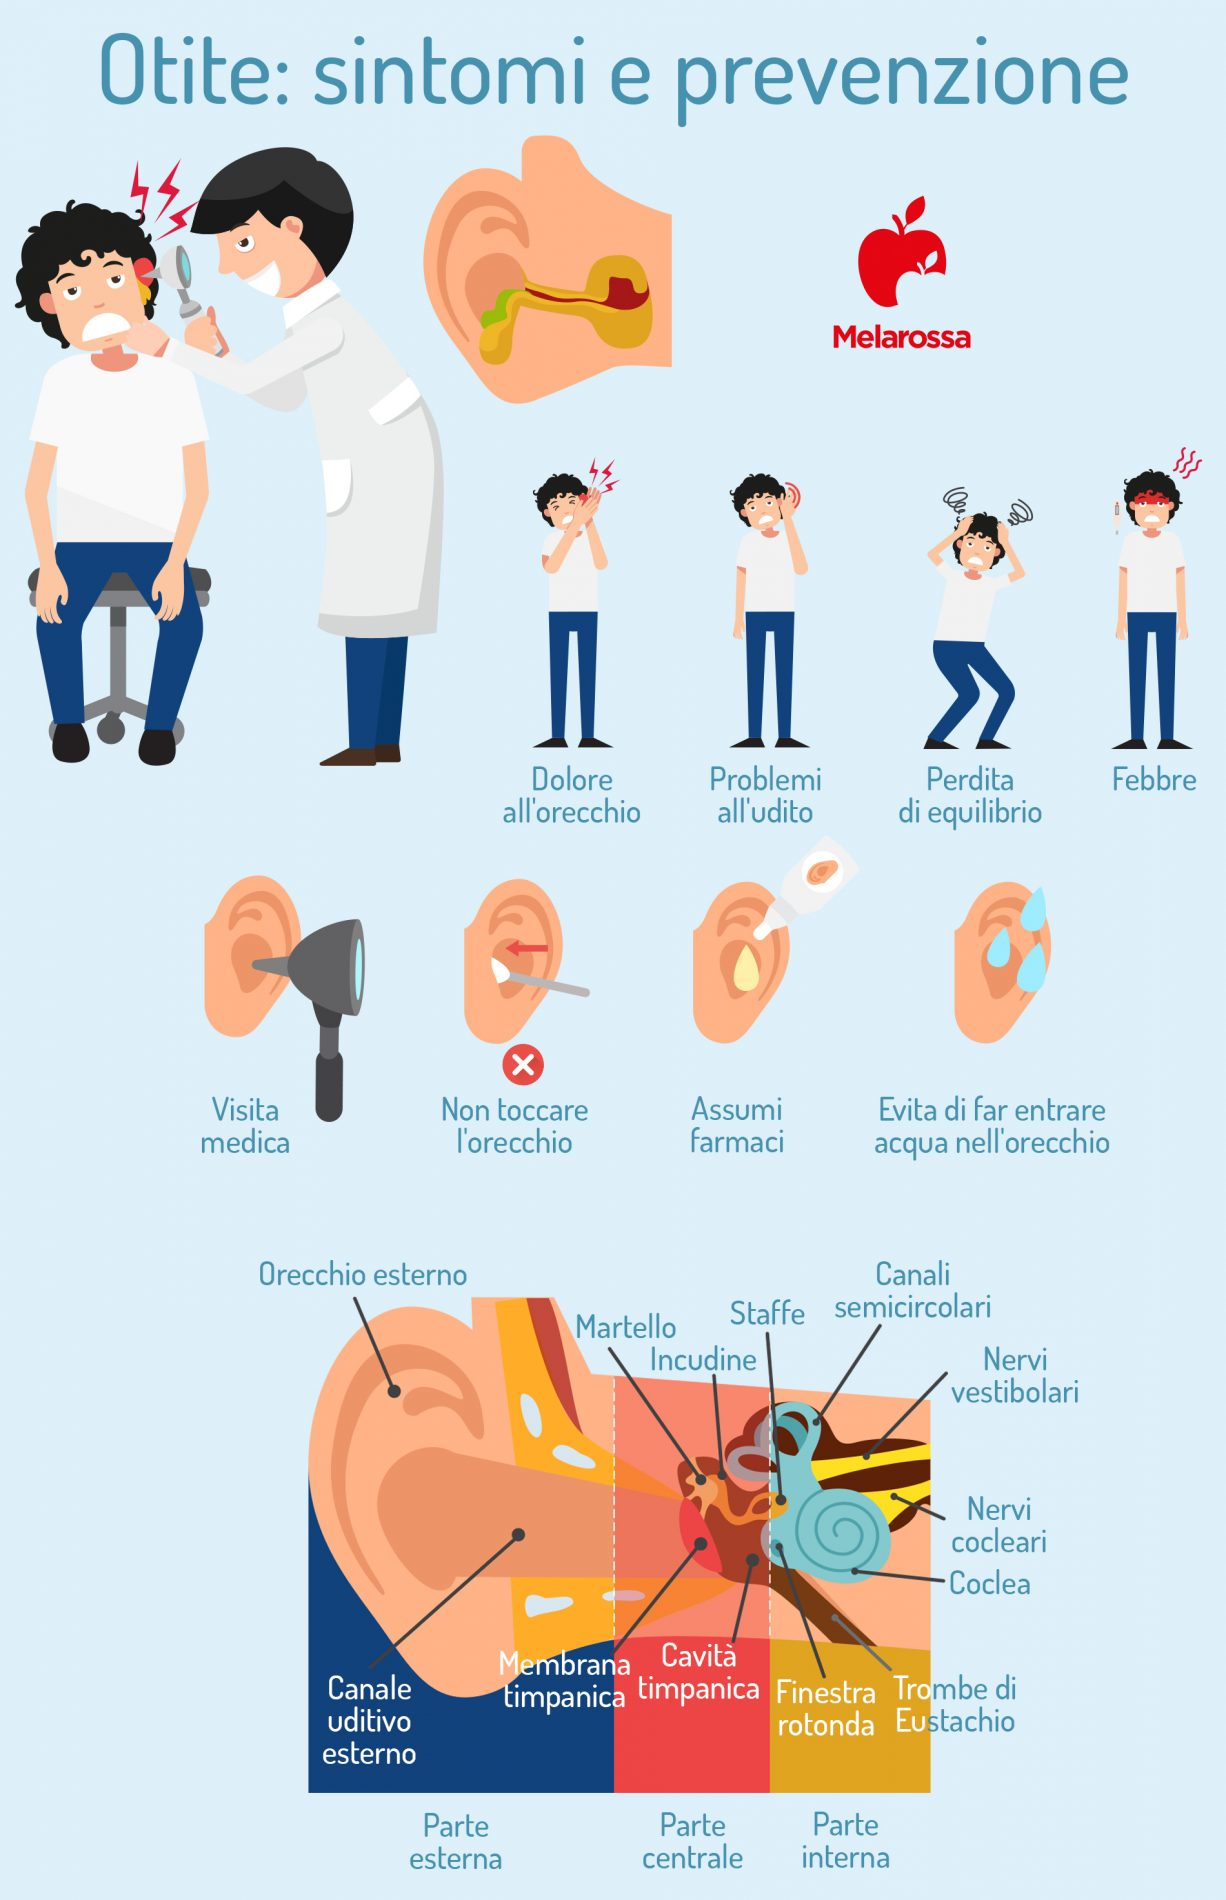 otite: sintomi